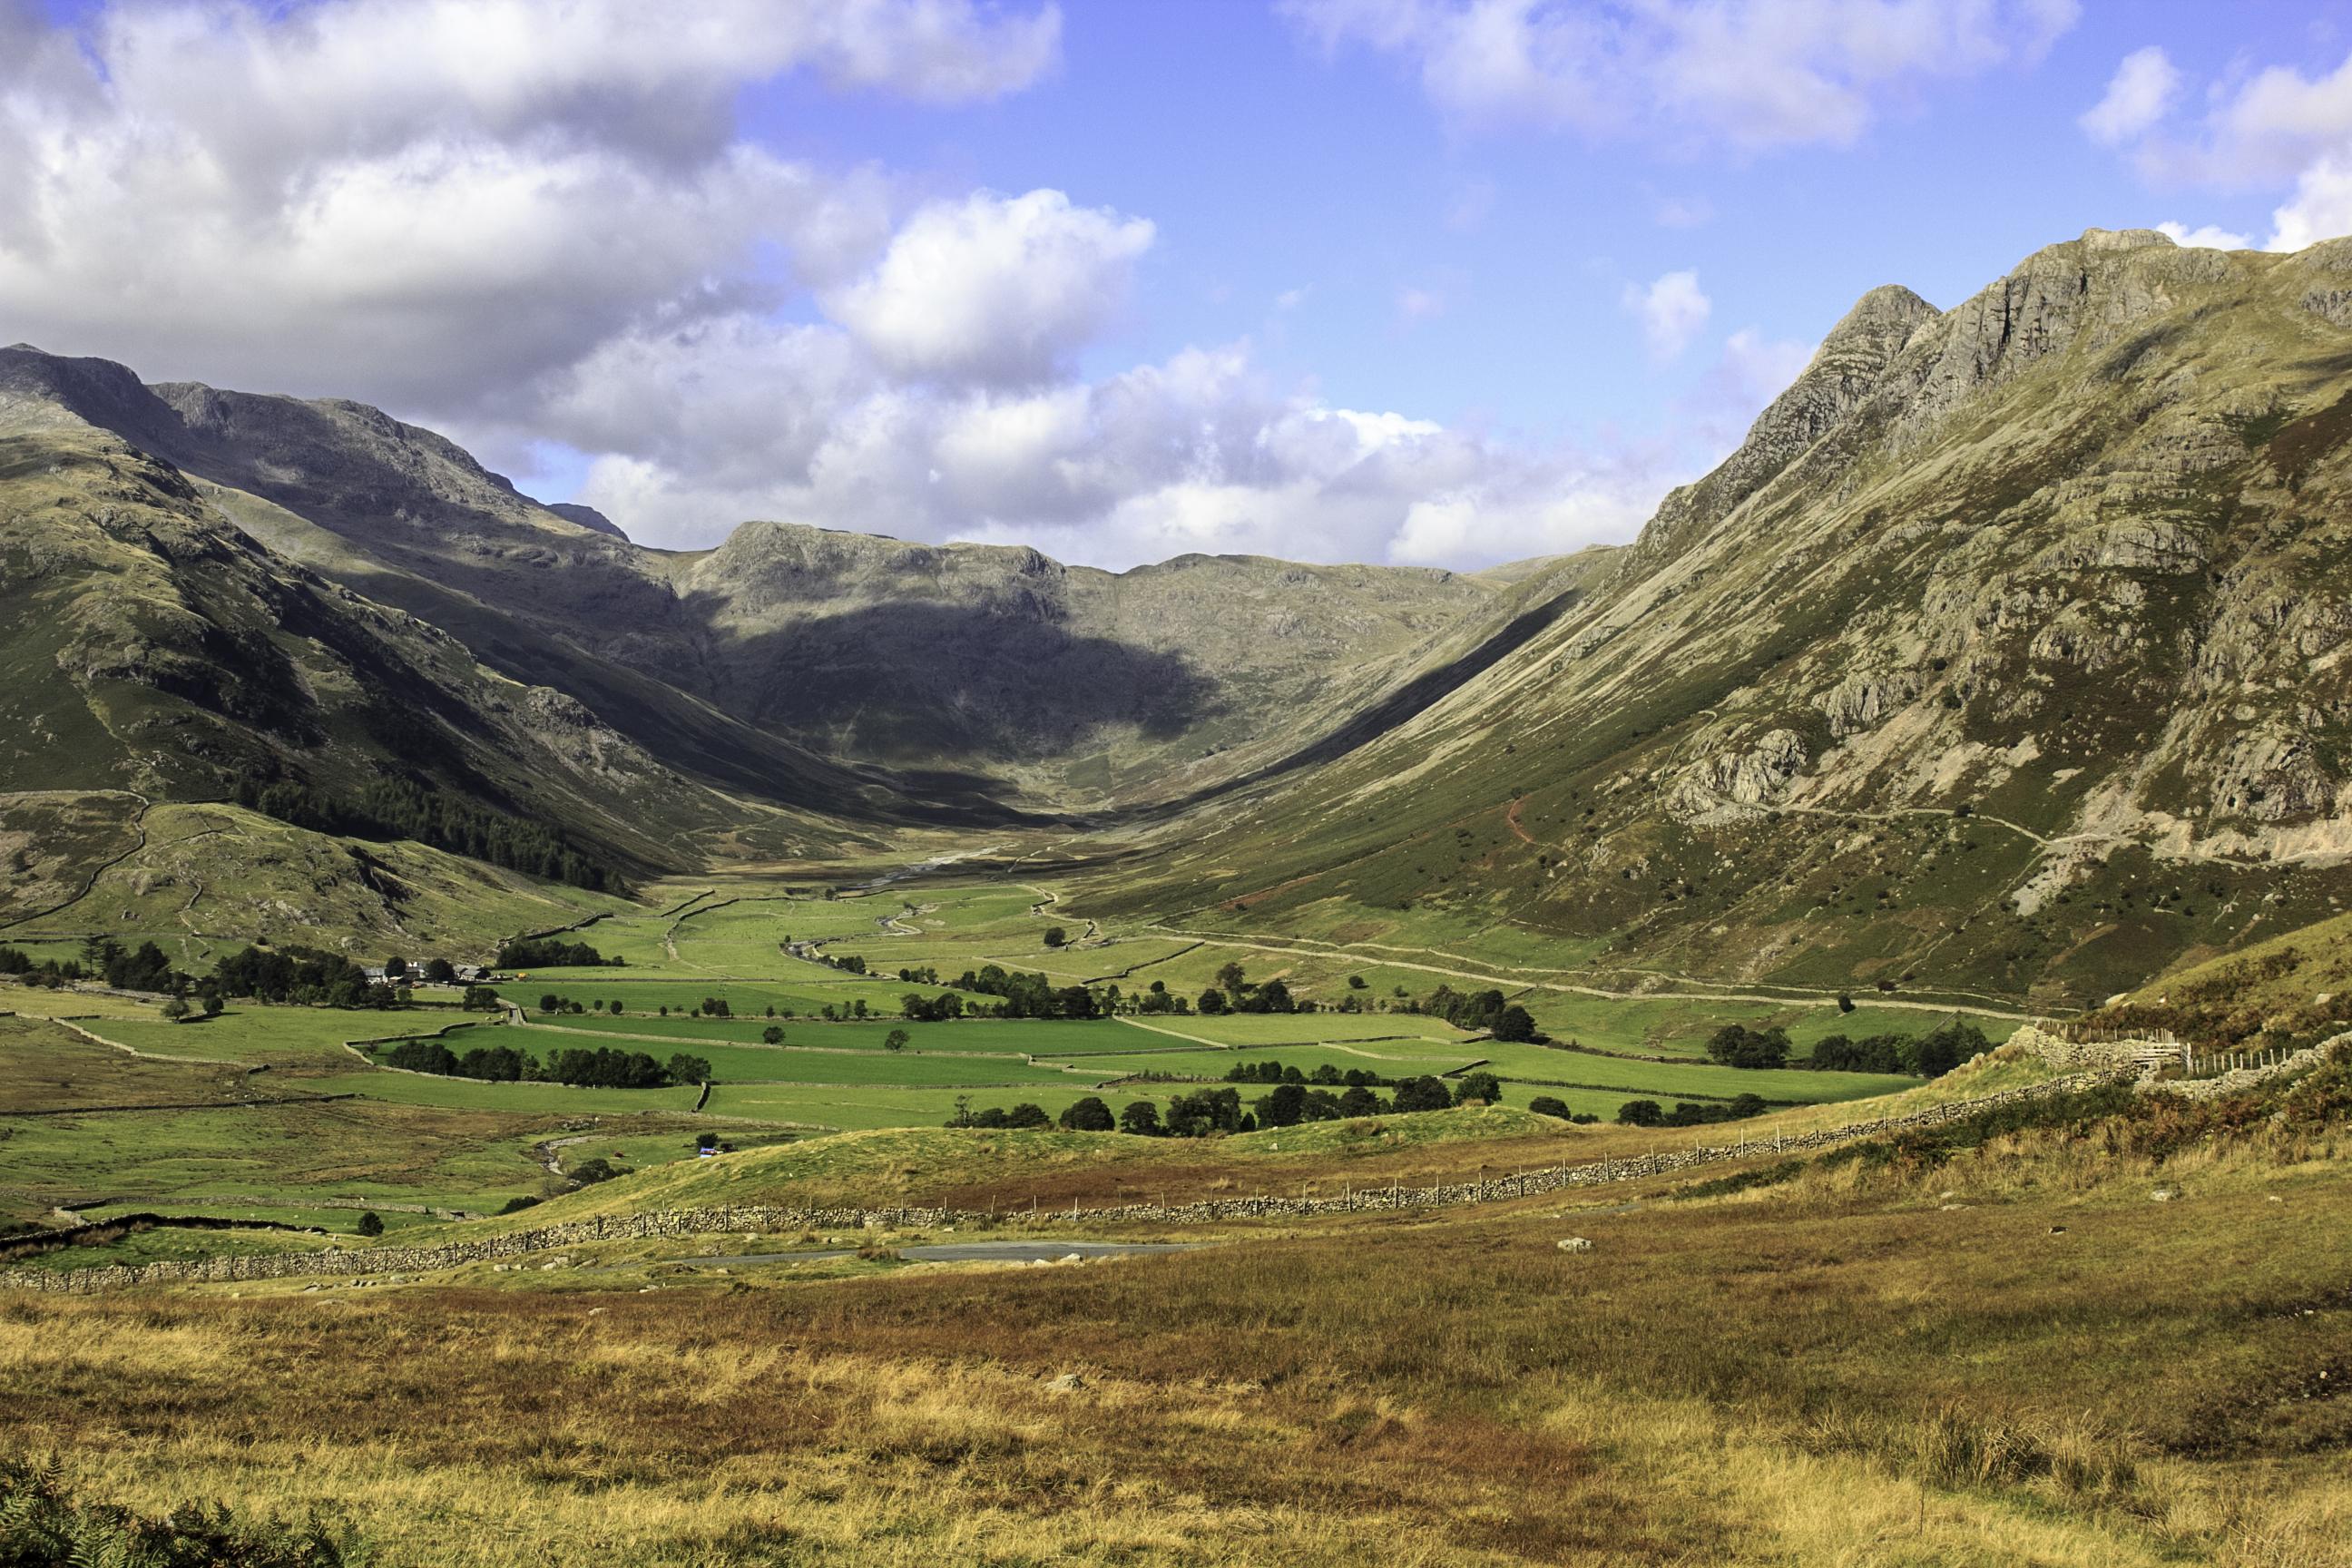 простой равнины и горы фотографии сделано того самого